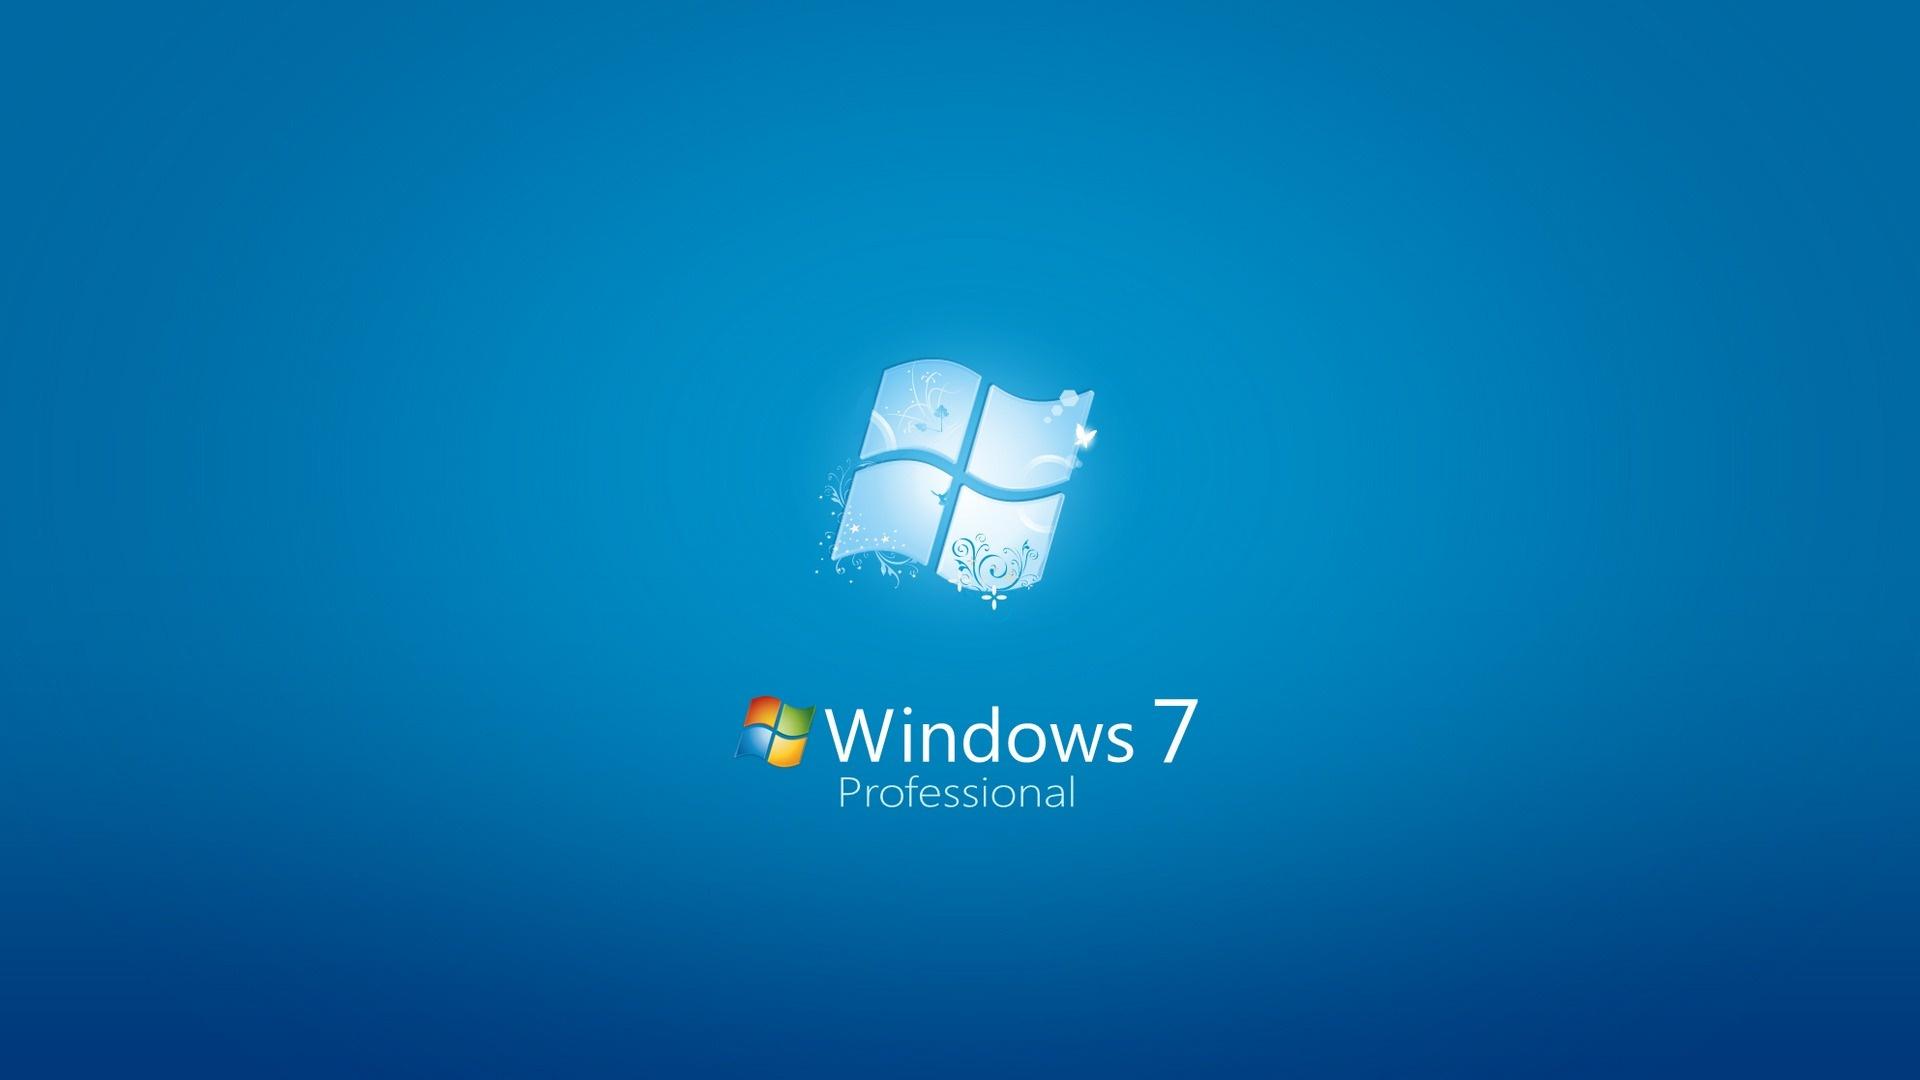 ويندوز 7  غير مناسب للأعمال التجارية بحسب  مايكروسوفت    تكنو - صحيفة الوسط البحرينية - مملكة البحرين